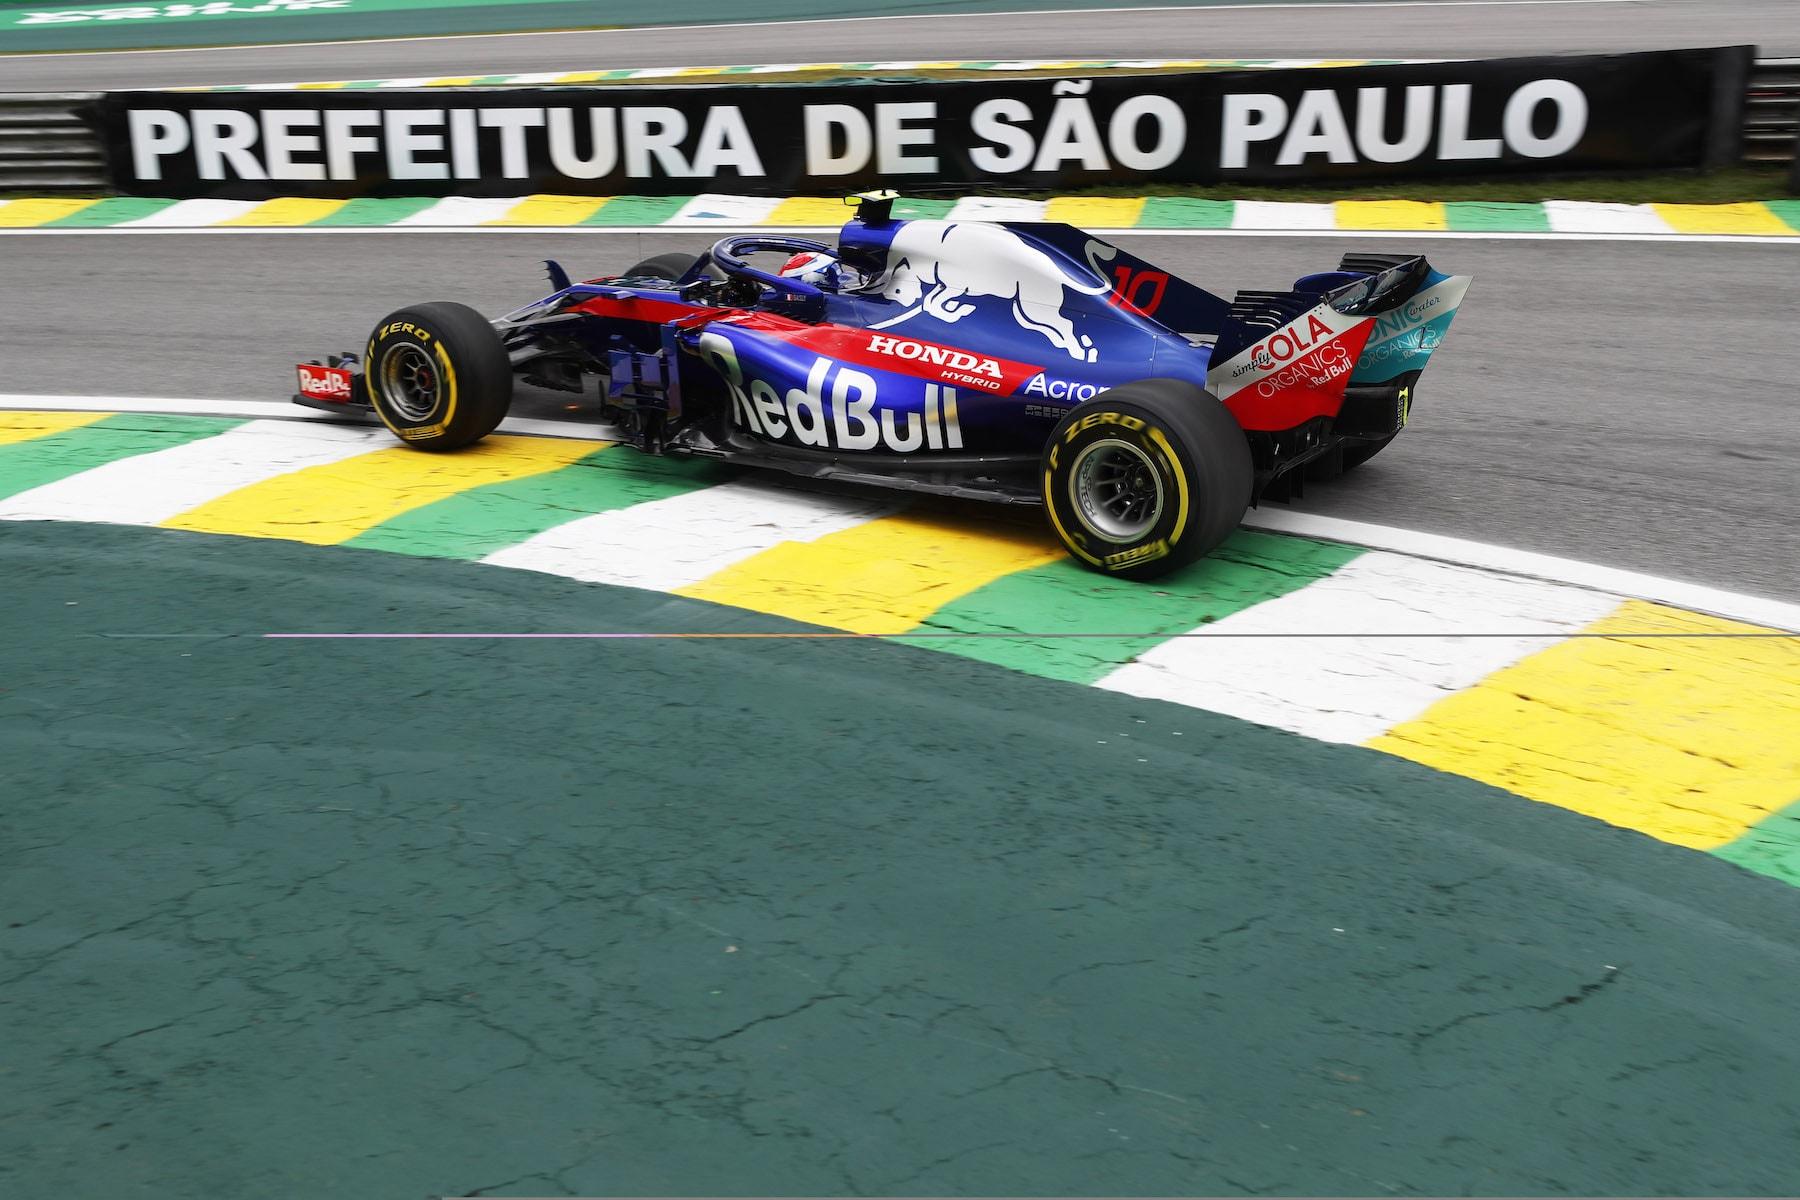 2018 Pierre Gasly | Toro Rosso STR13 | 2018 Brazilian GP FP2 1 copy.jpg